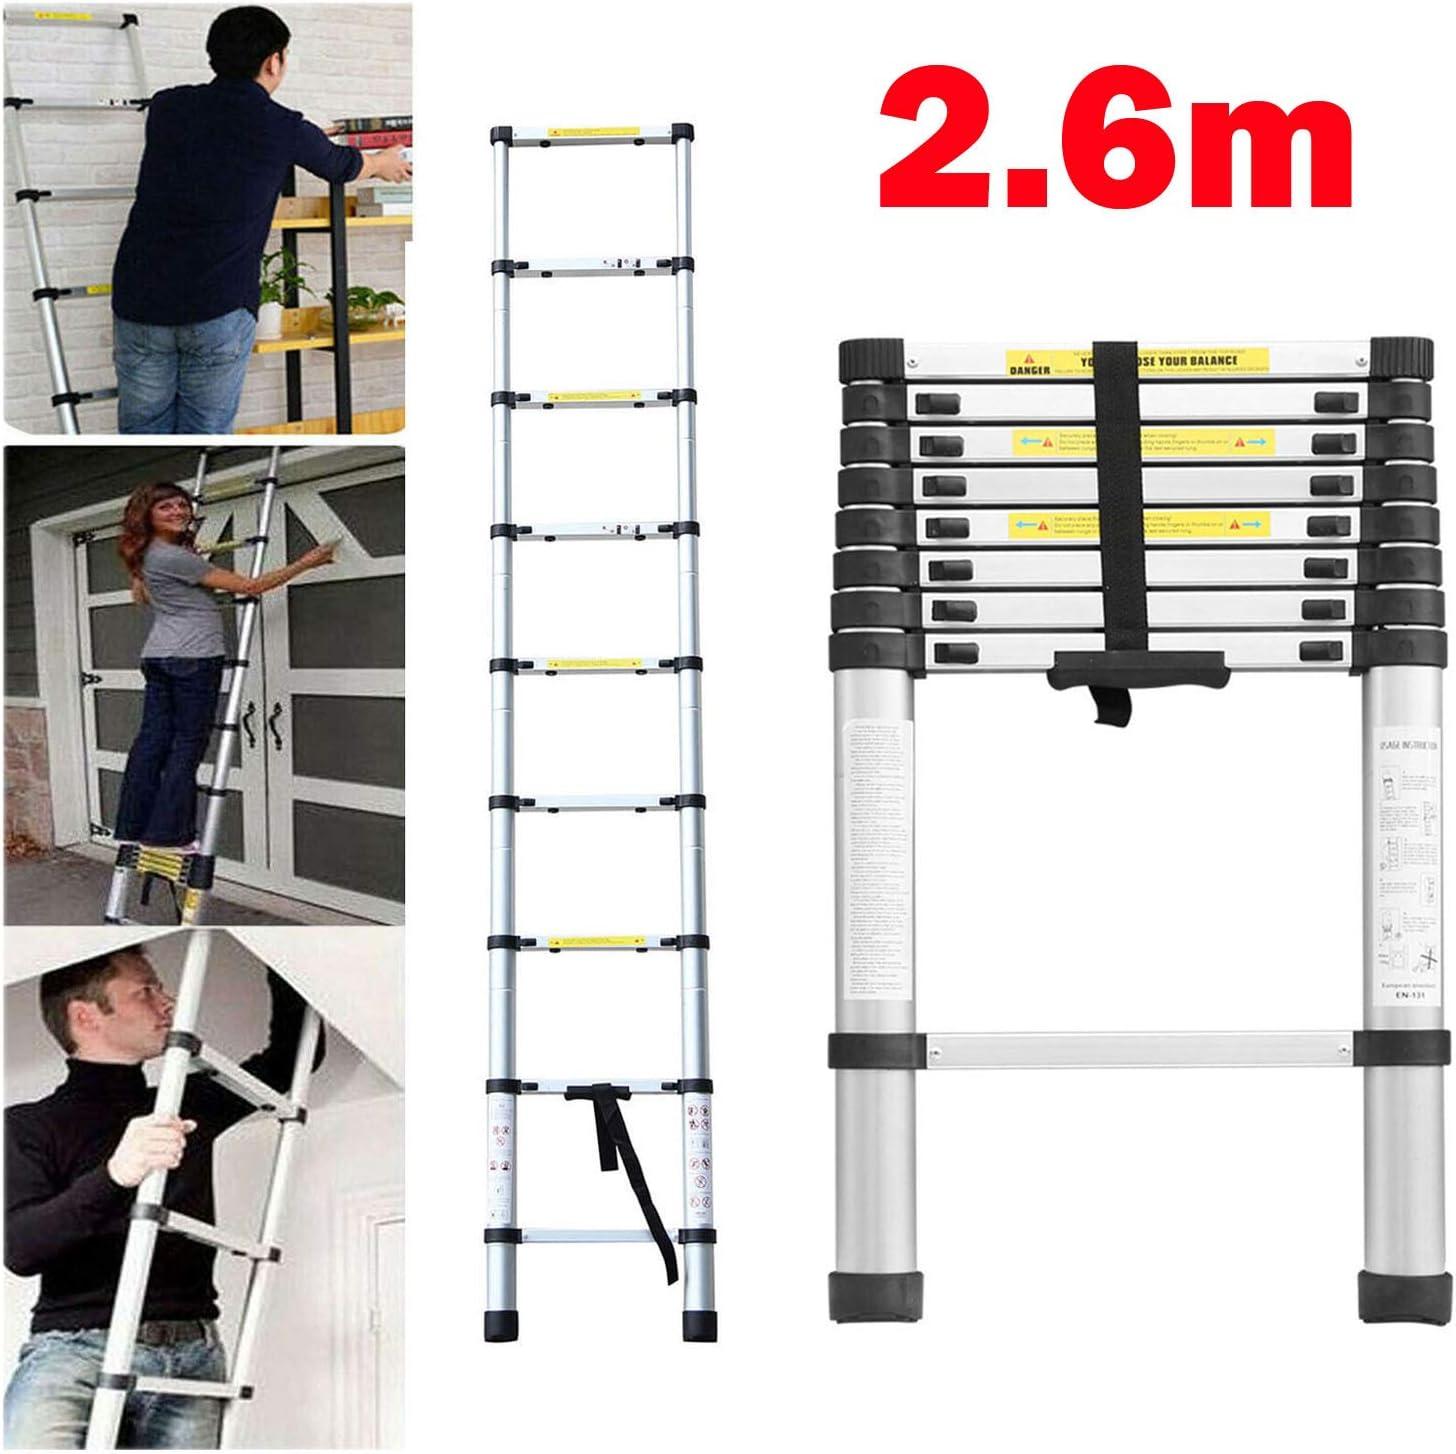 Escalera telescópica de aluminio extensible de 2,6 m, escalera telescópica, multiusos, compacta, resistente, para el hogar, al aire libre, 150 kg de carga máxima: Amazon.es: Bricolaje y herramientas